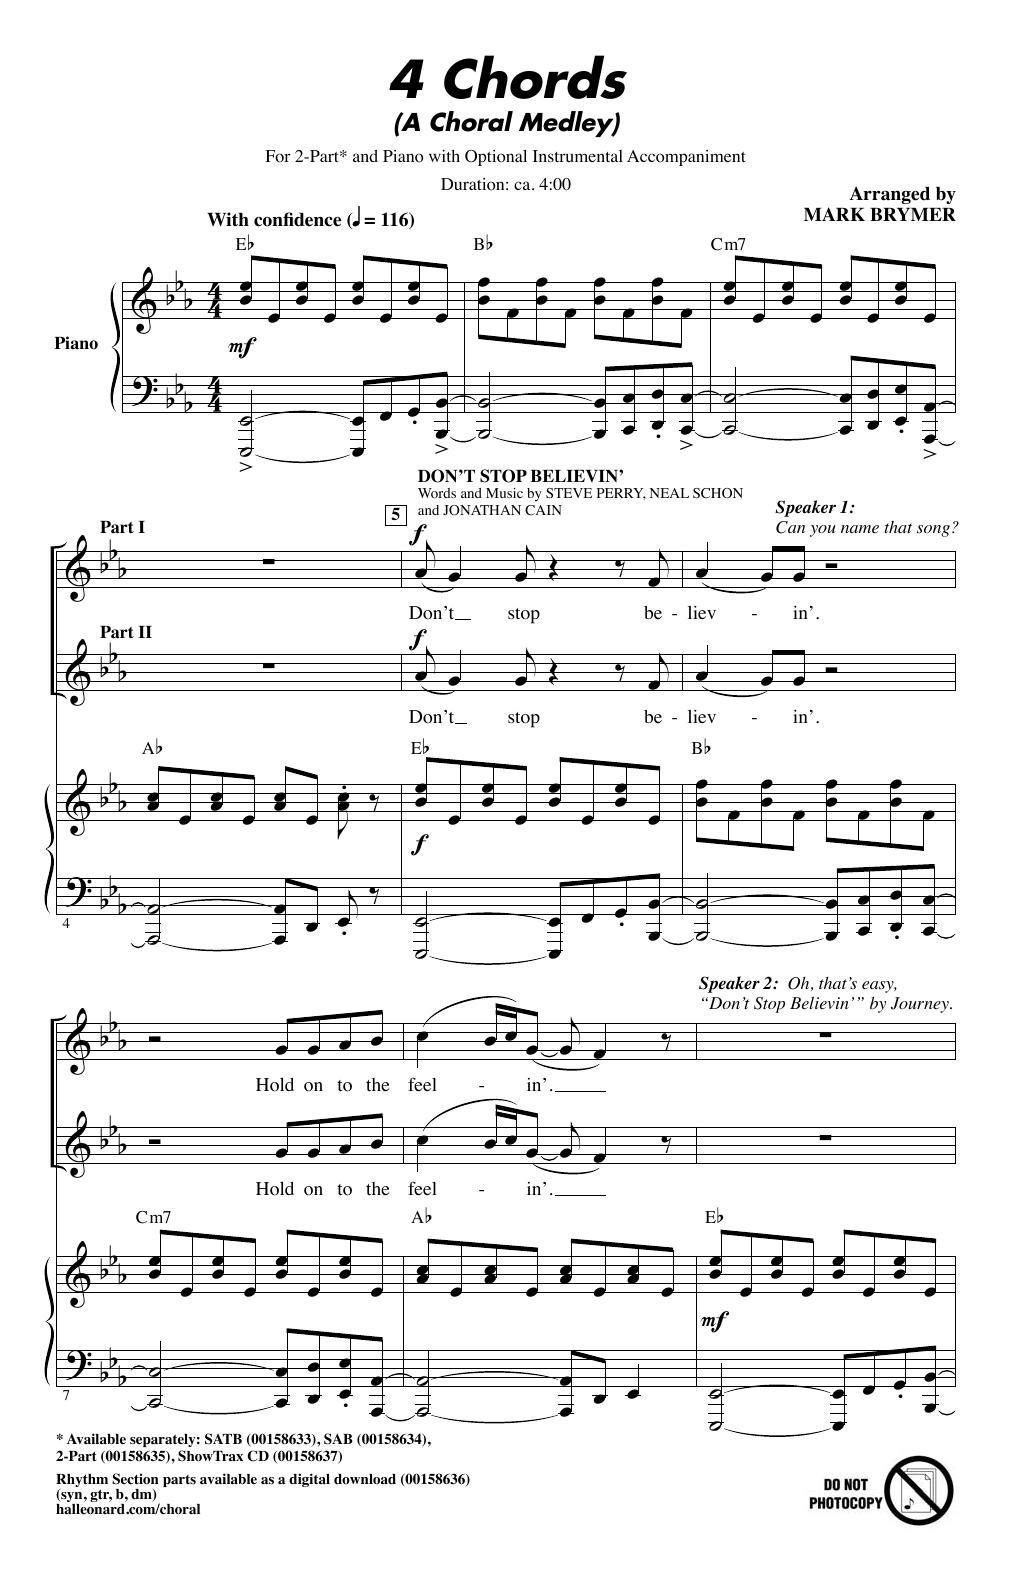 4 Chord Song 4 Chords A Choral Medley Mark Brymer 2 Part Choir Digital Sheet Music